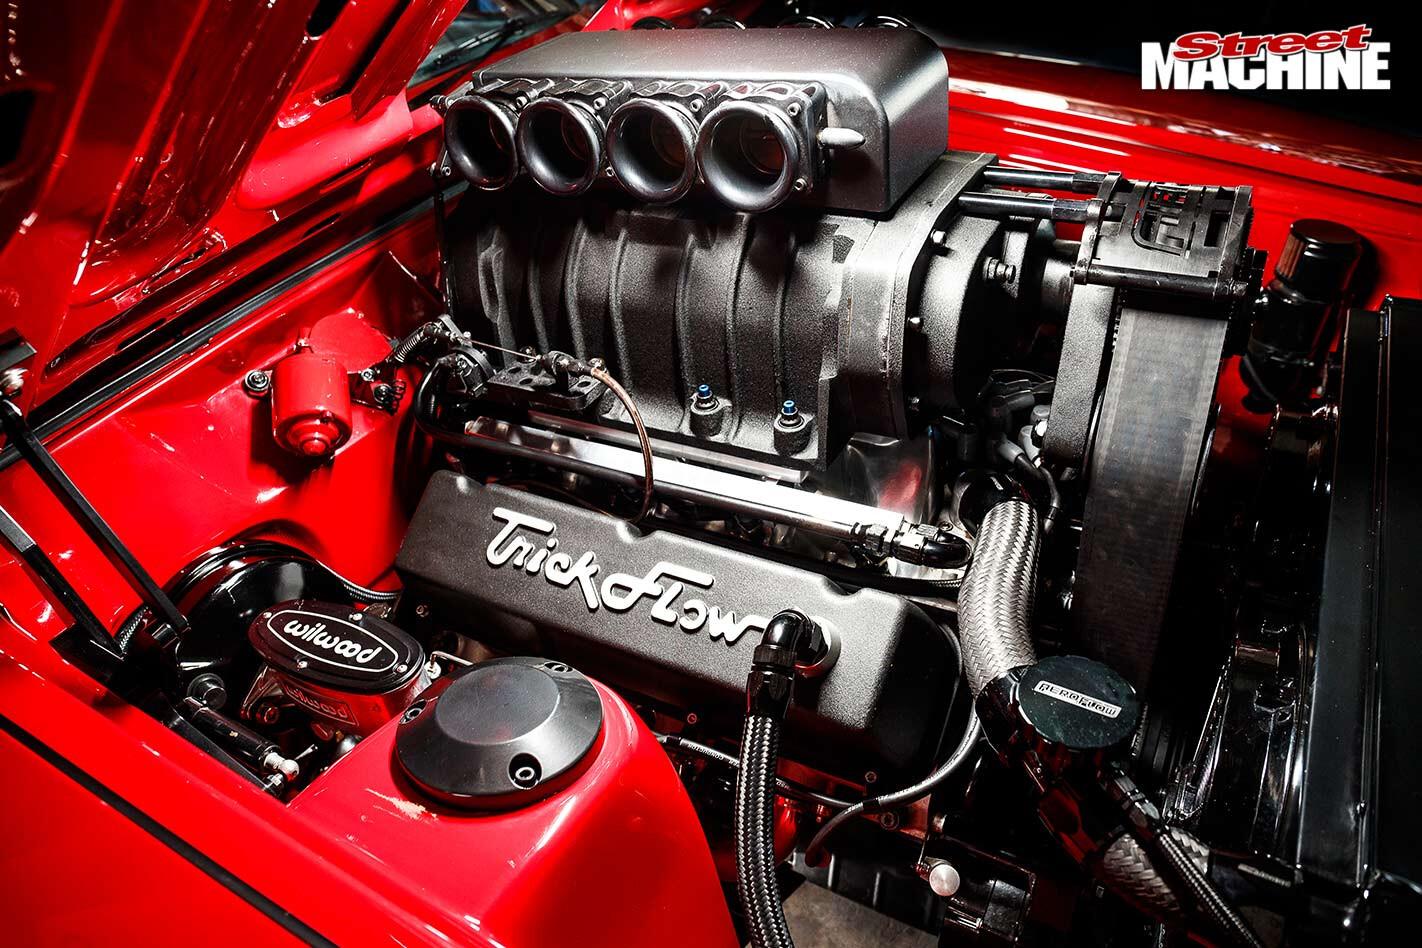 Ford Falcon XB engine